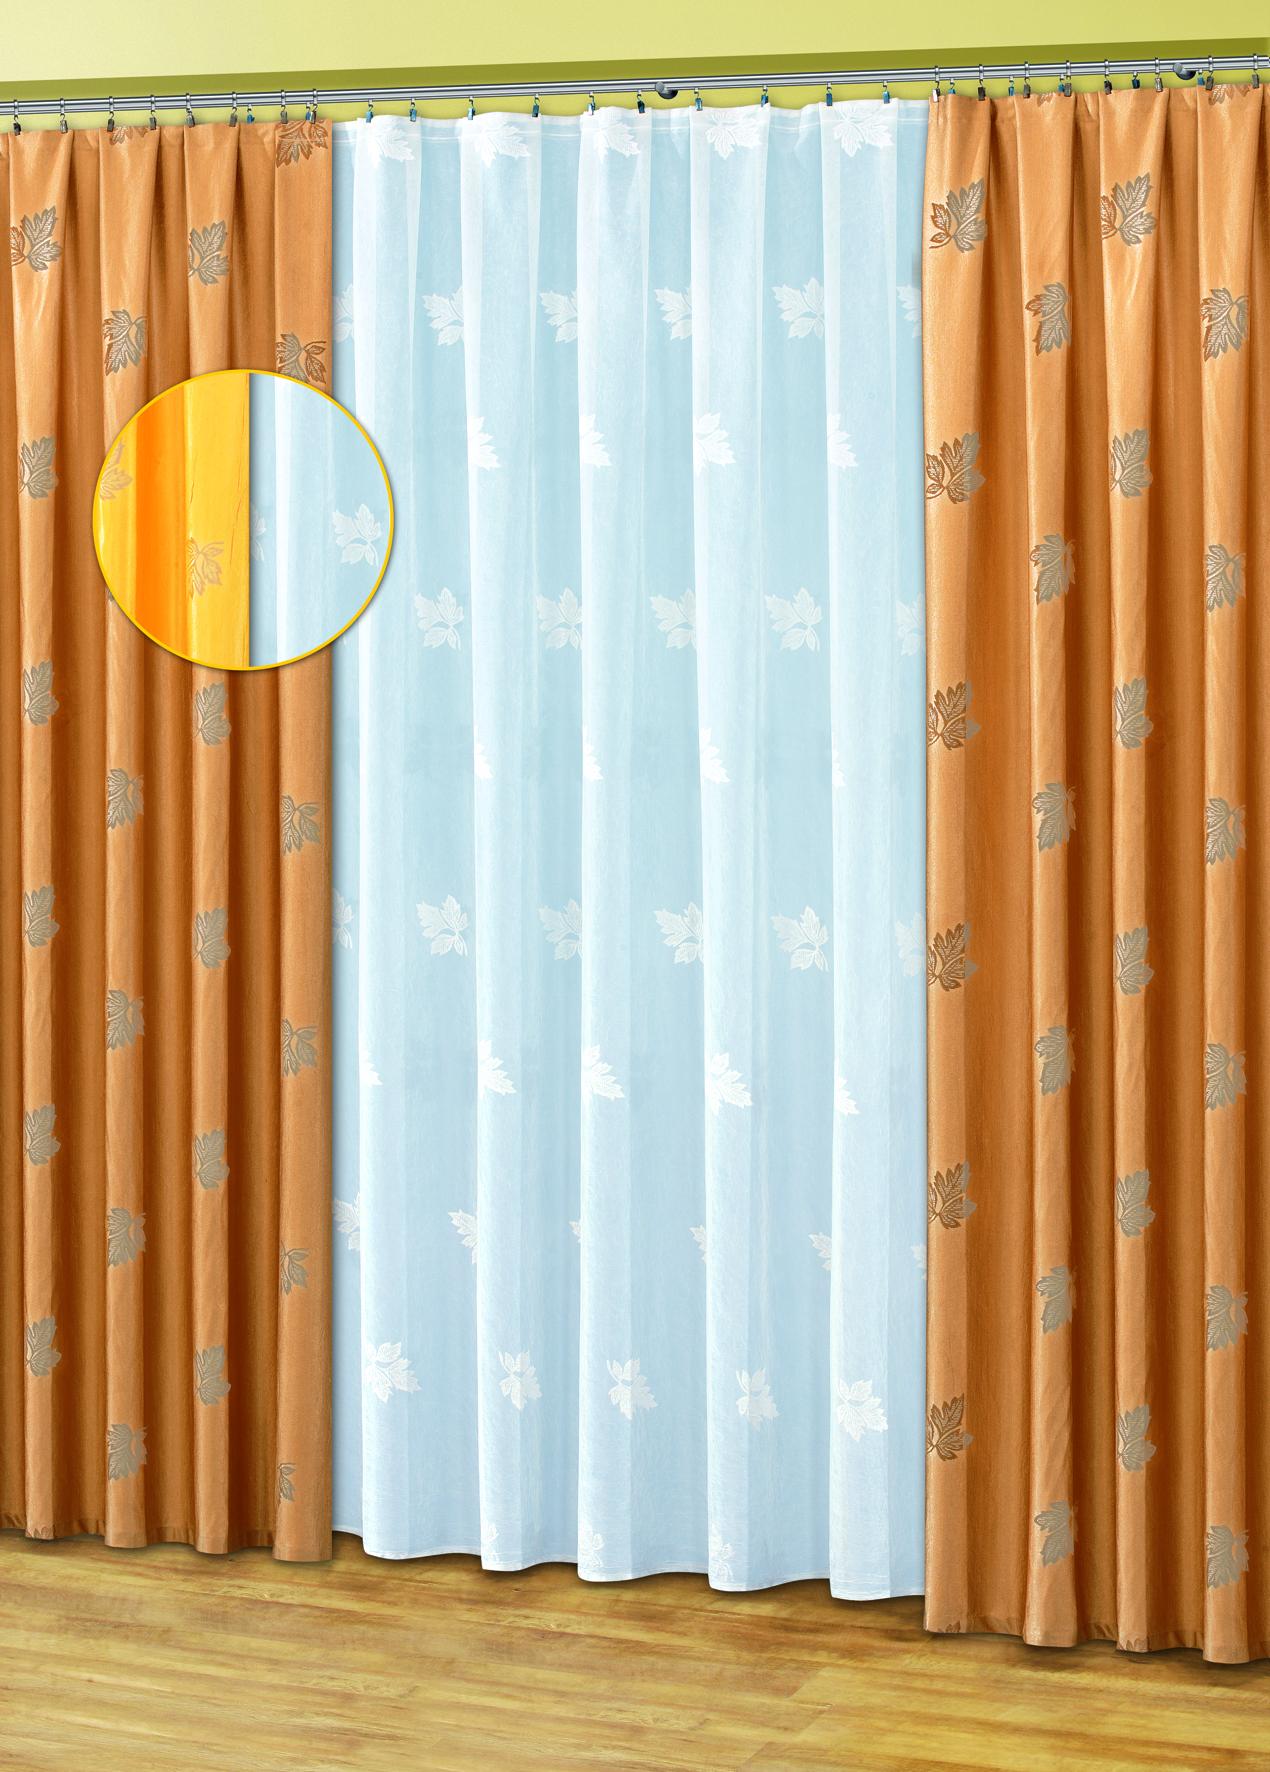 Комплект штор HAFT 250*500+170*250*2. 50110/250StormКомплект штор XAFT 250*500+170*250*2. 50110/250Материал: 100% п/э, размер: 250*500+170*250*2, цвет:бежево-золотой